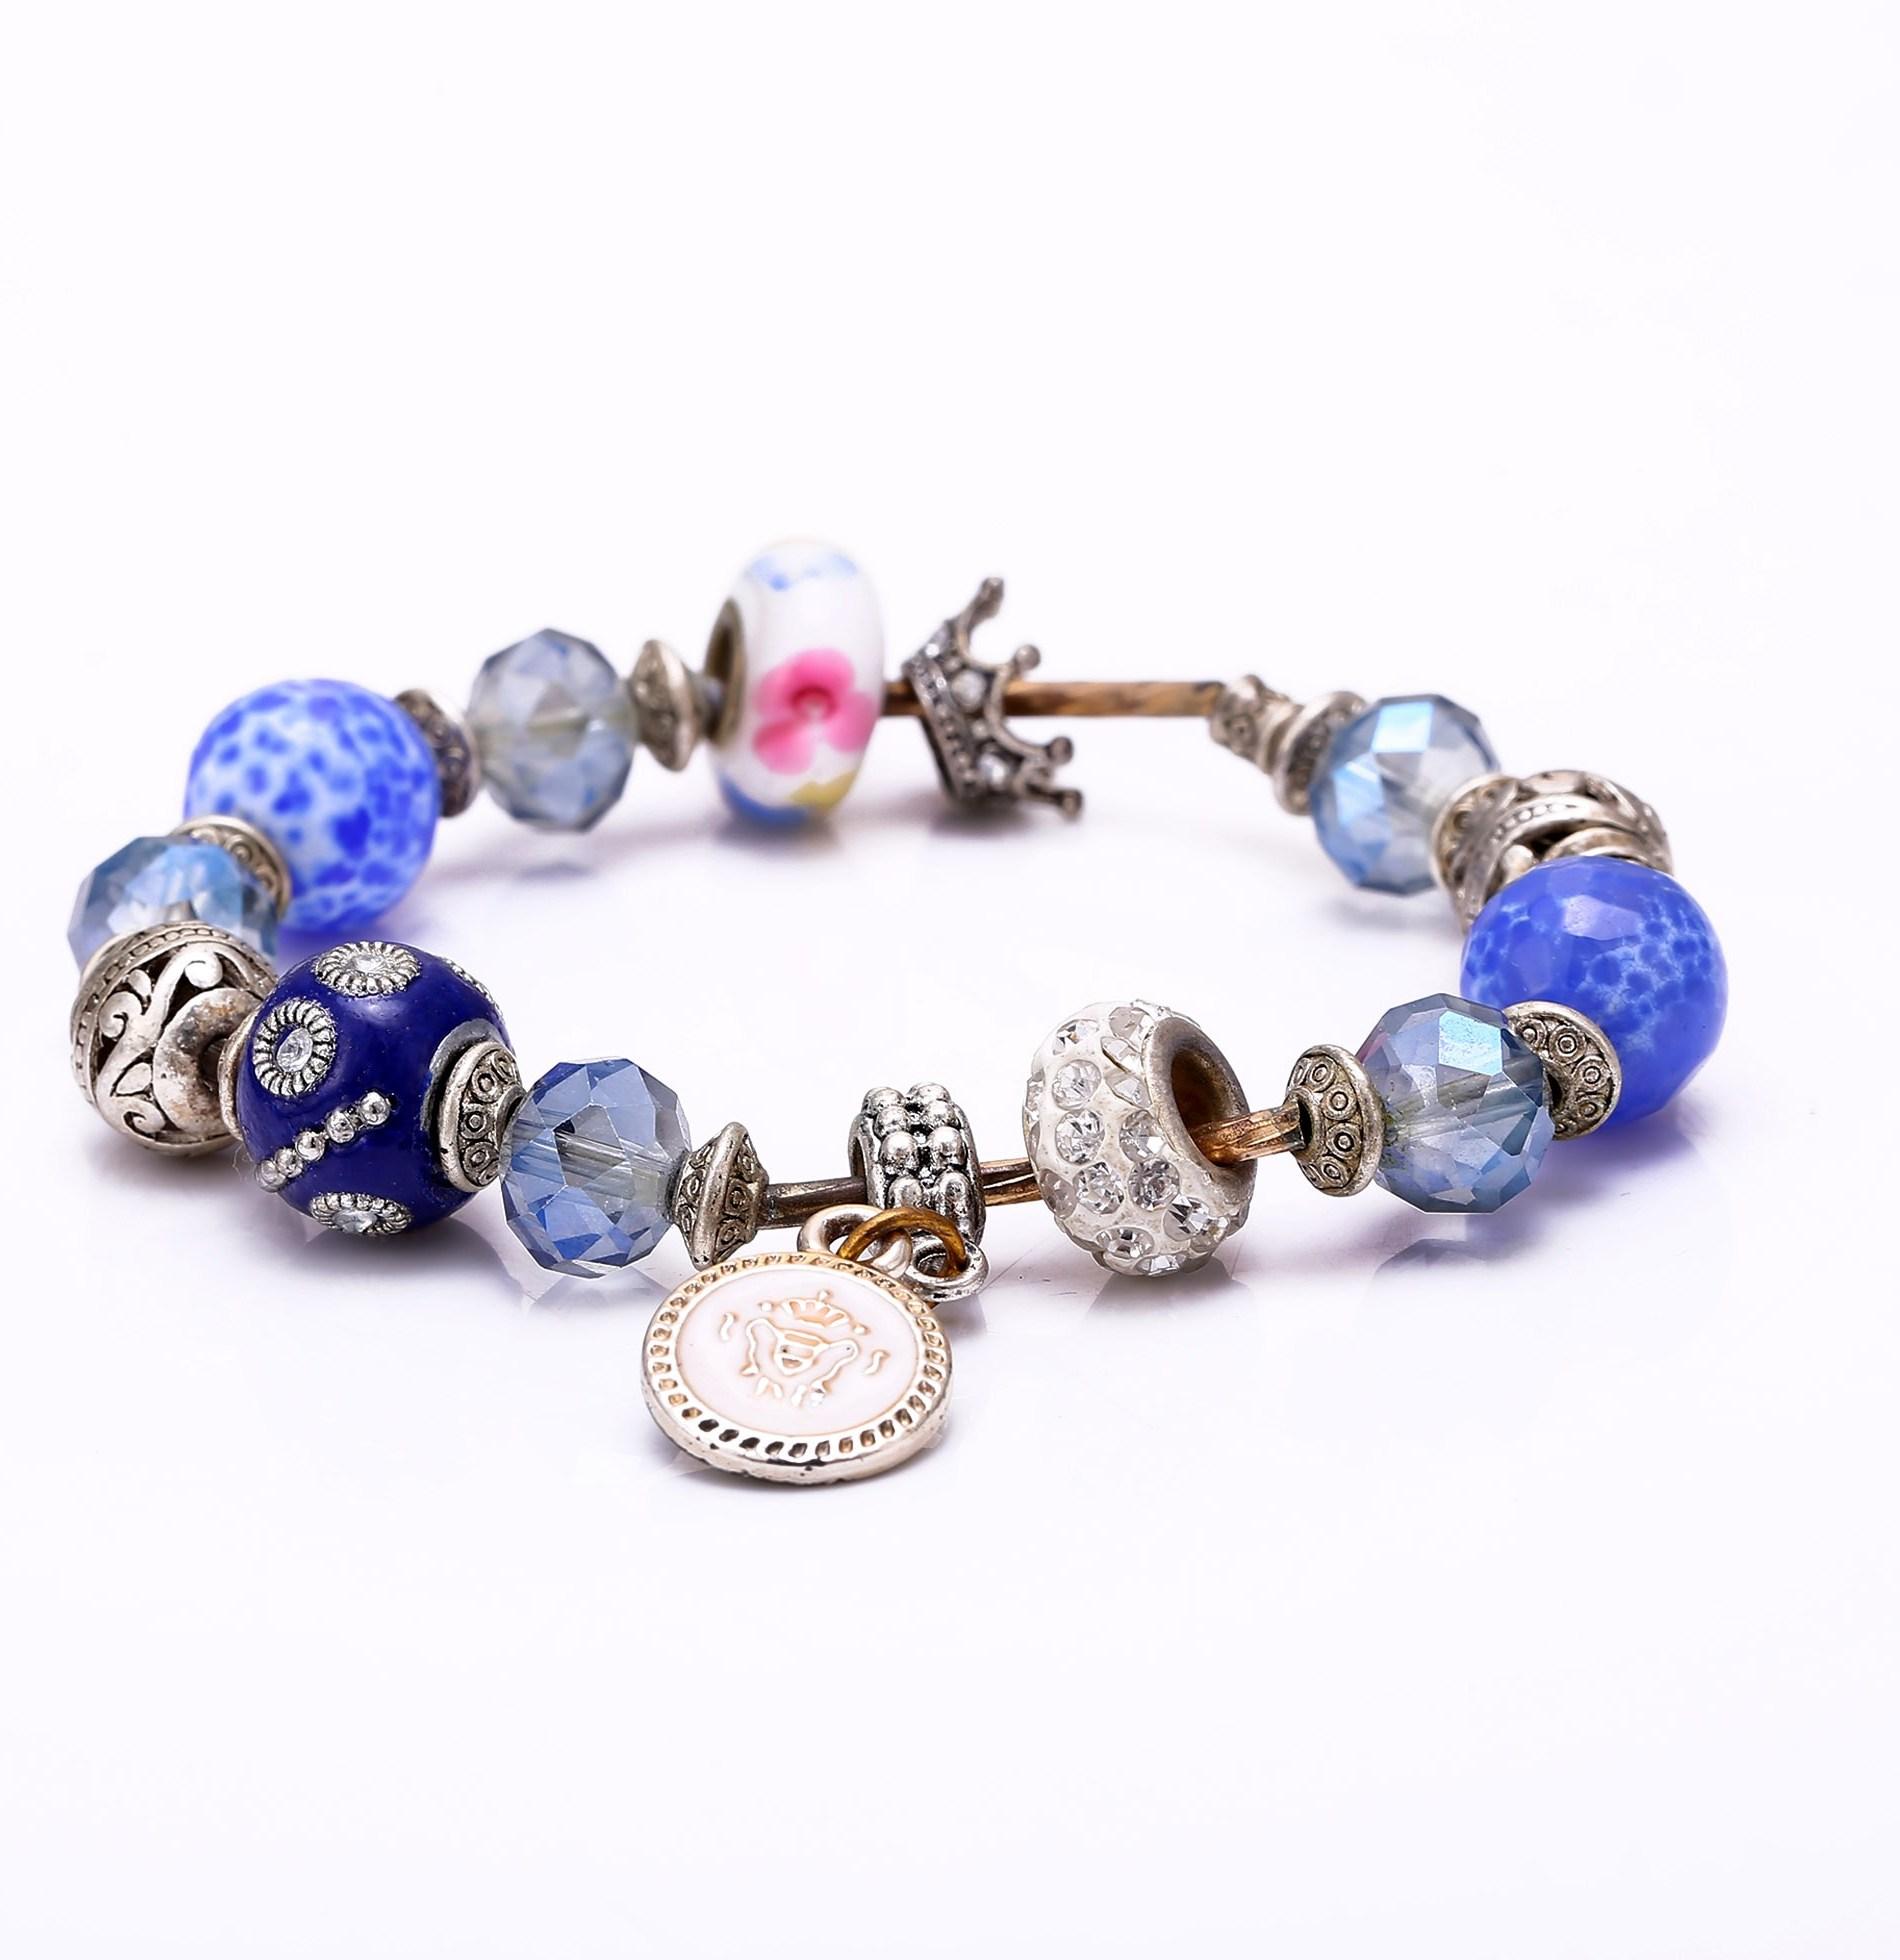 2017 Новый роскошный Корона Шарм Кристалл Бусины браслет для Для женщин Мода DIY ювелирных подходят оригинальный